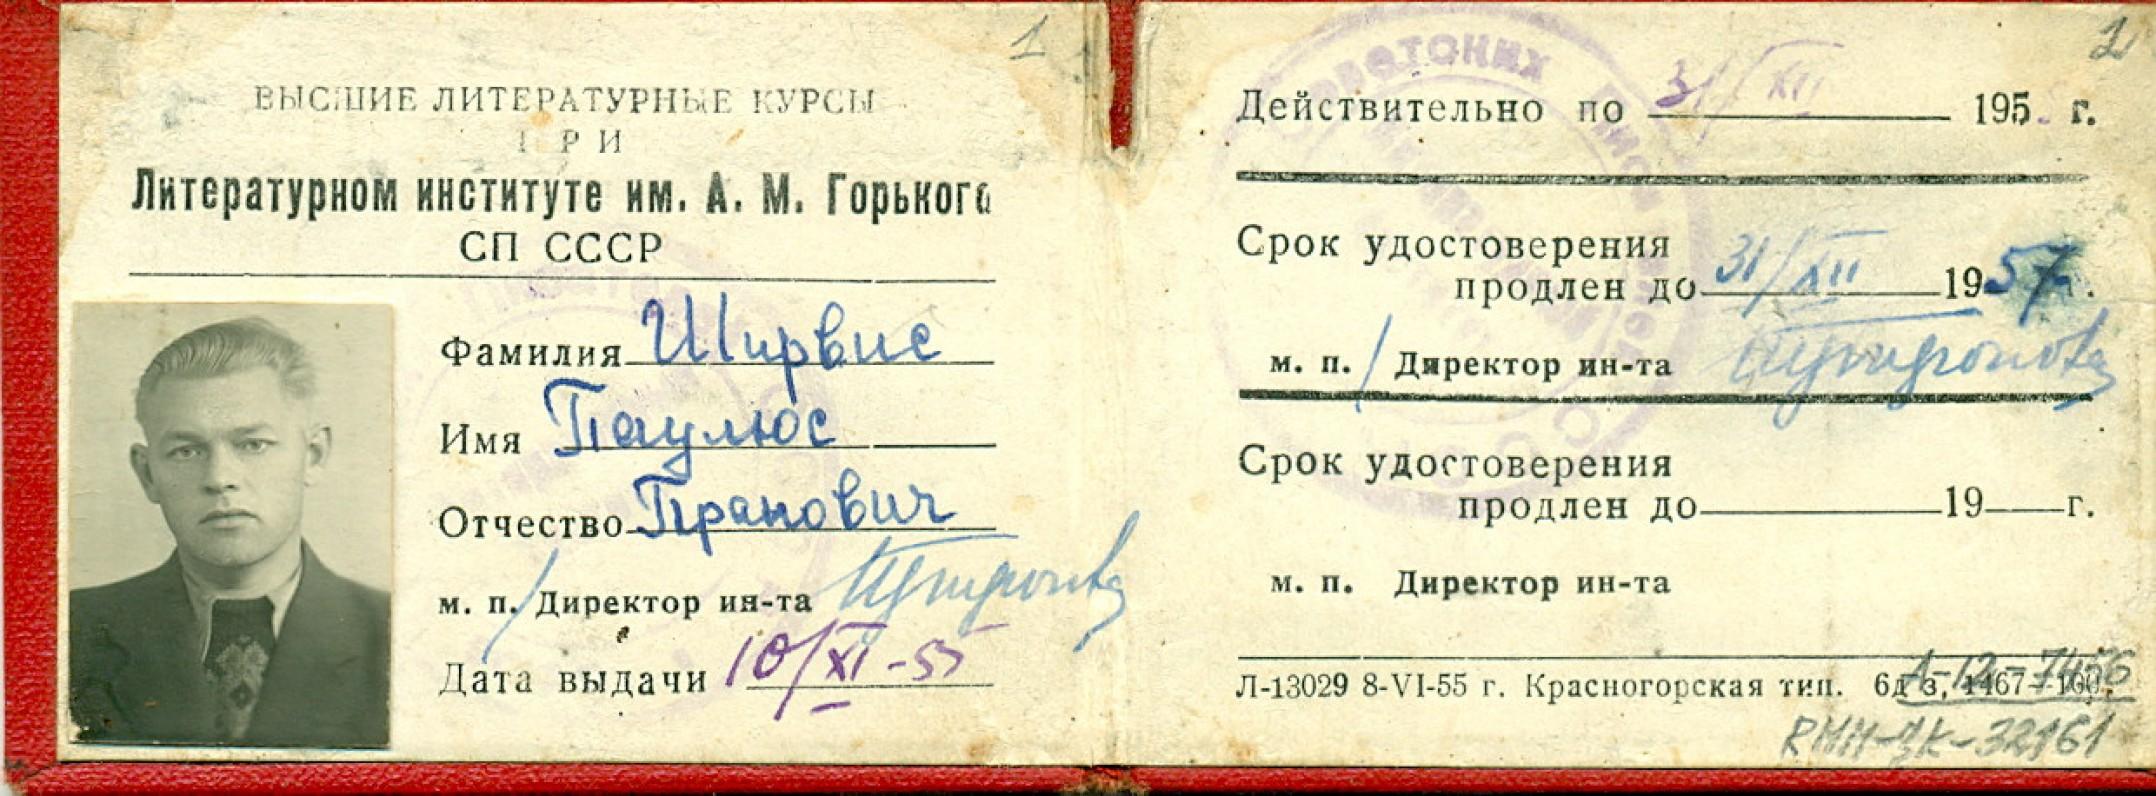 P. Širvio M. Gorkio literatūros instituto Aukštųjų literatūros kursų studento liudijimas. Maskva, 1955 m.